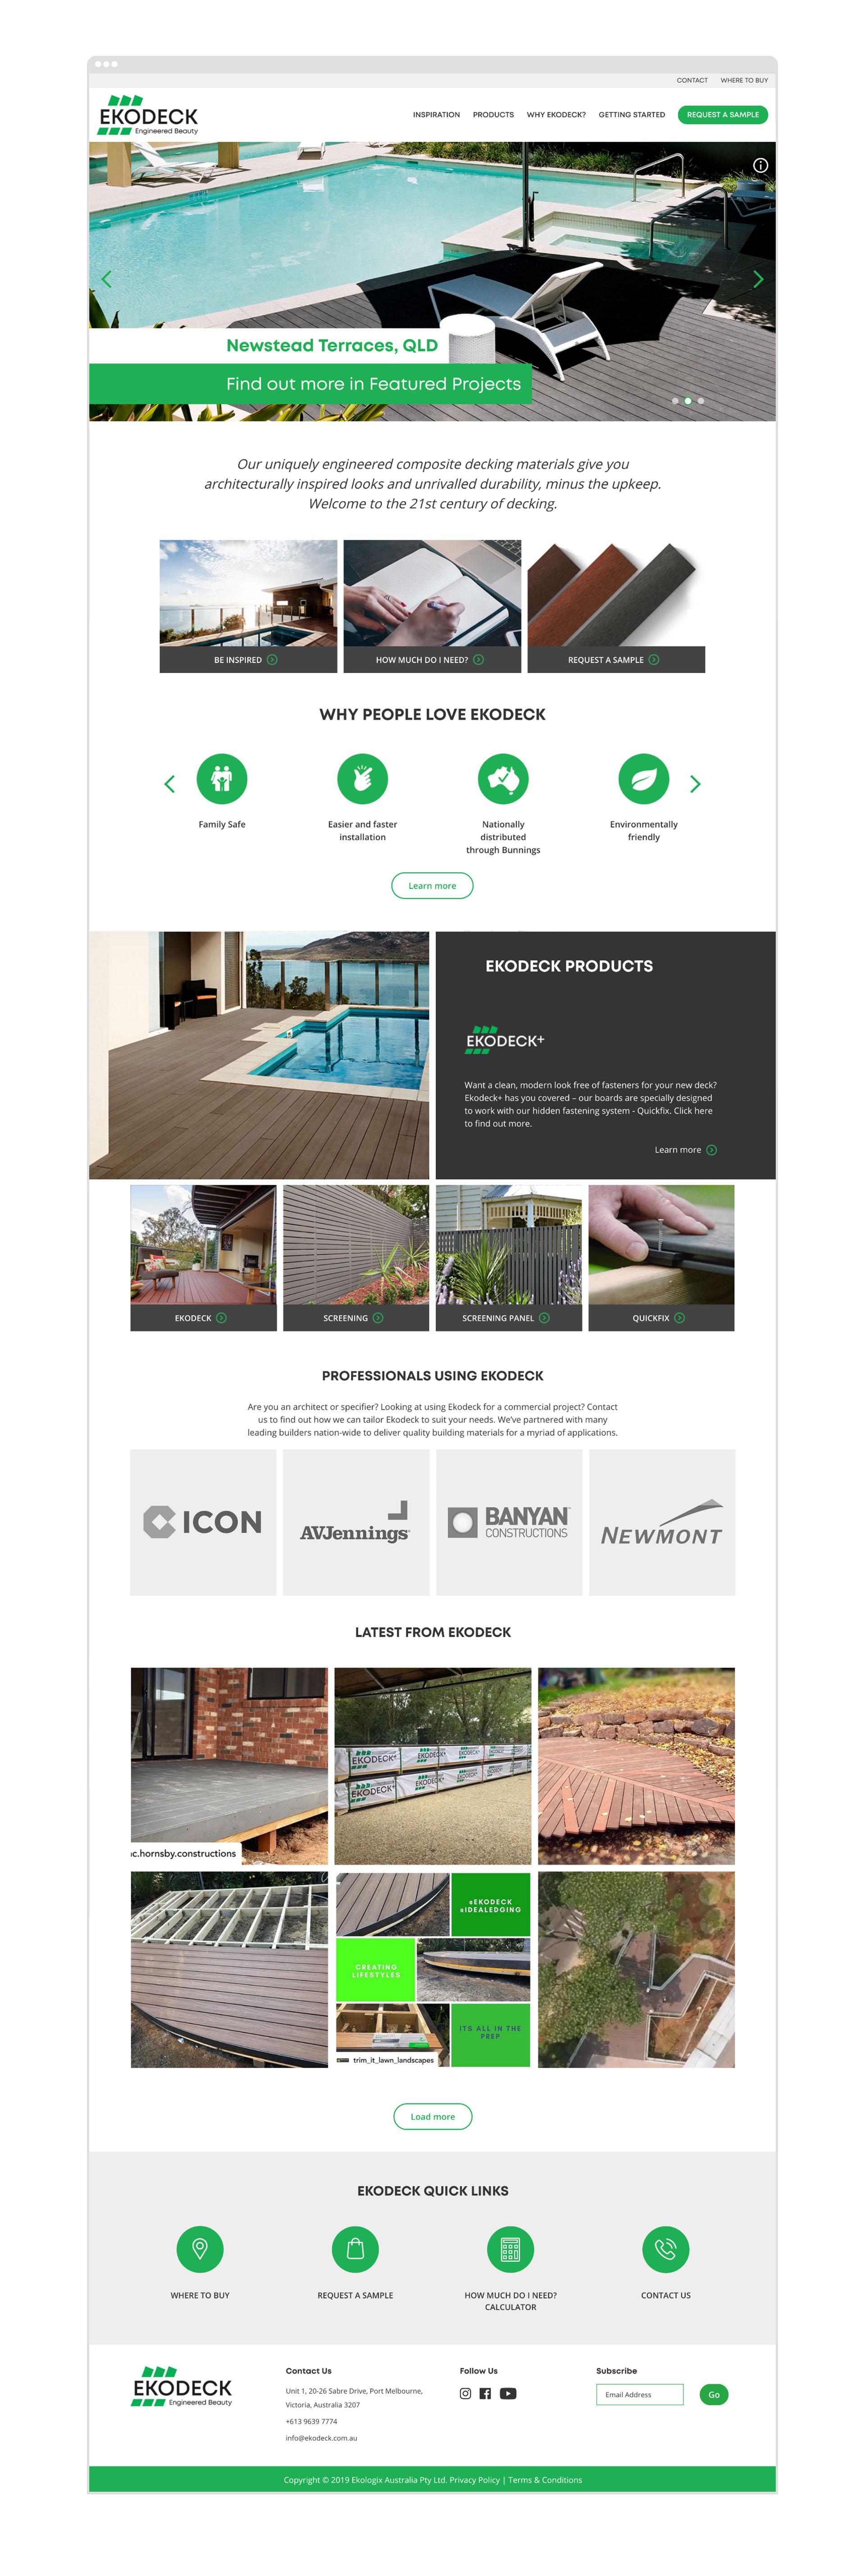 Website images Large_EkodeckEkodeck homepage.jpg